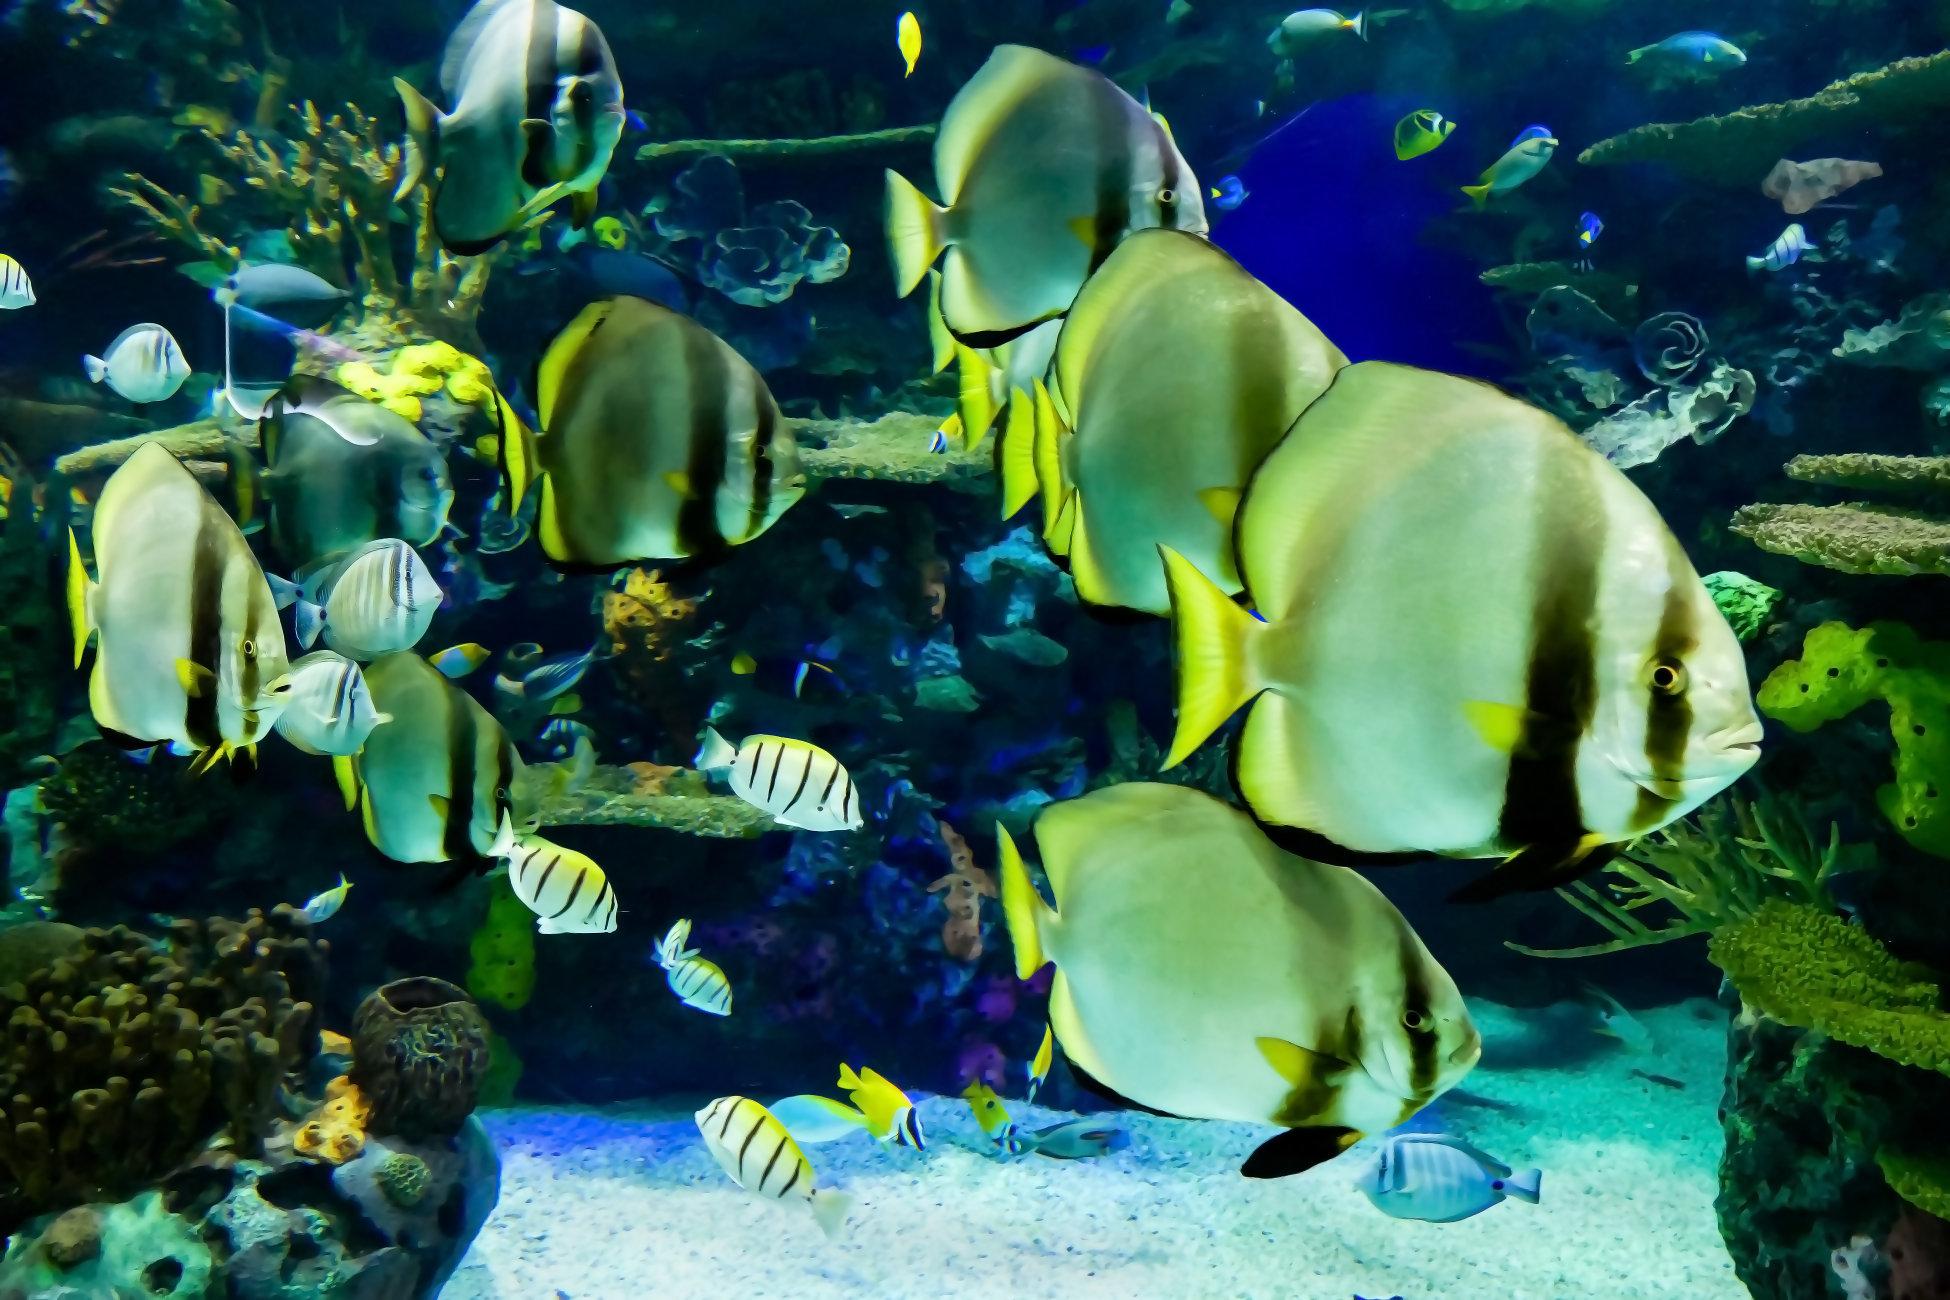 Aquarium Moment